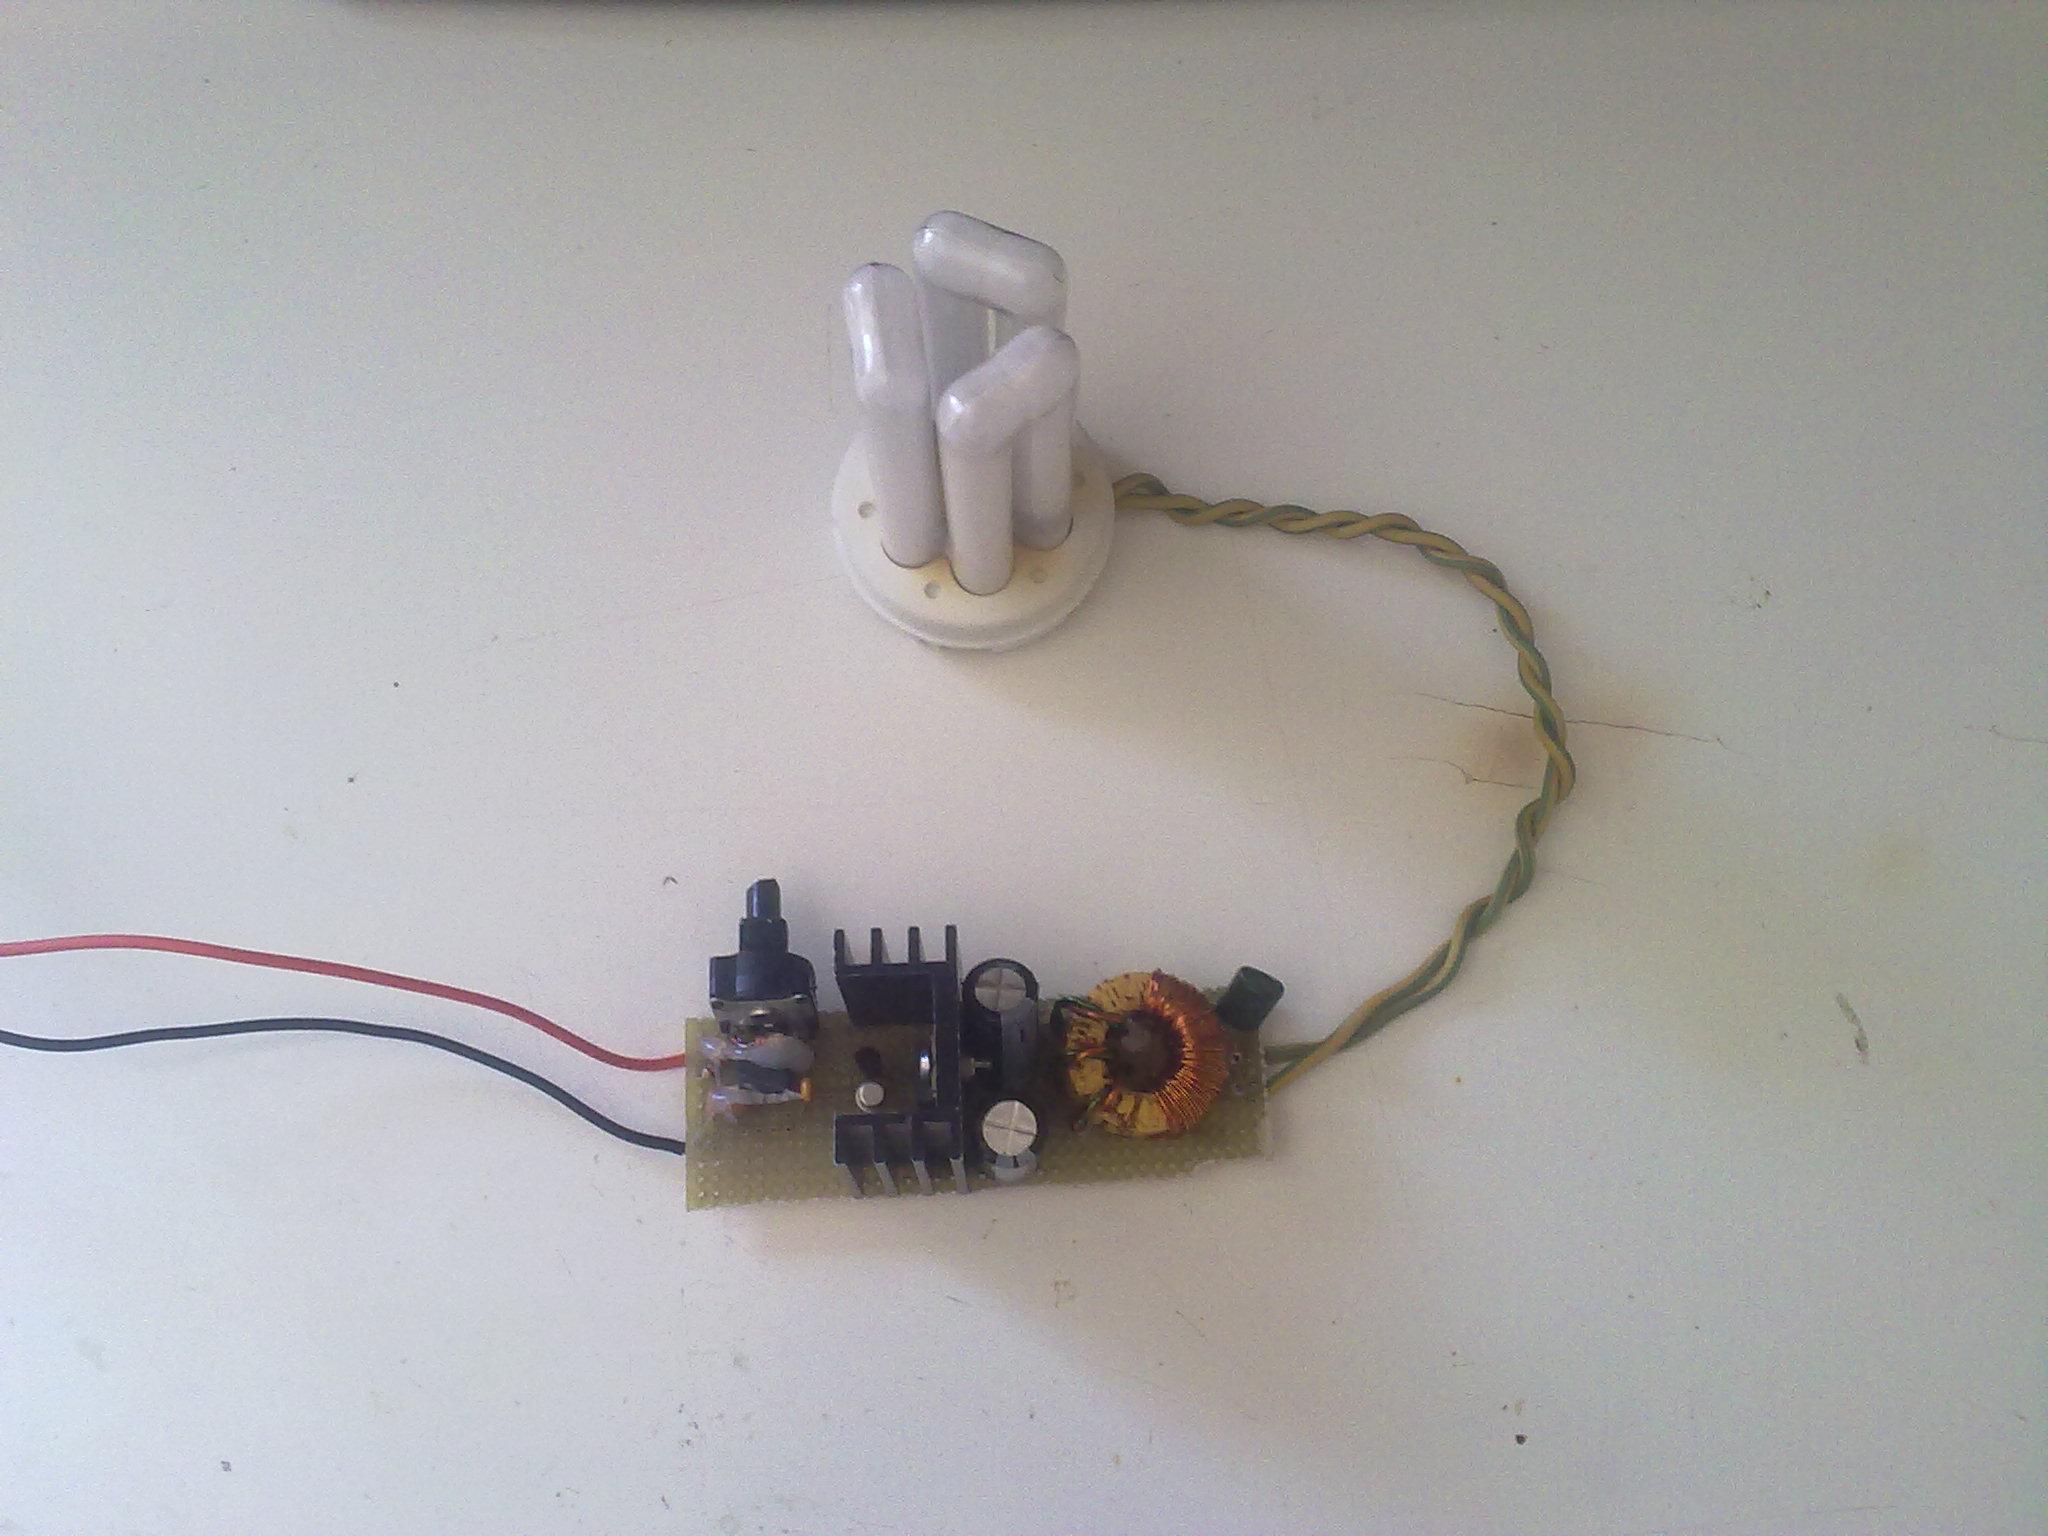 Schema Collegamento Neon In Serie : Un inverter per lampada fluorescente da w davide bucci